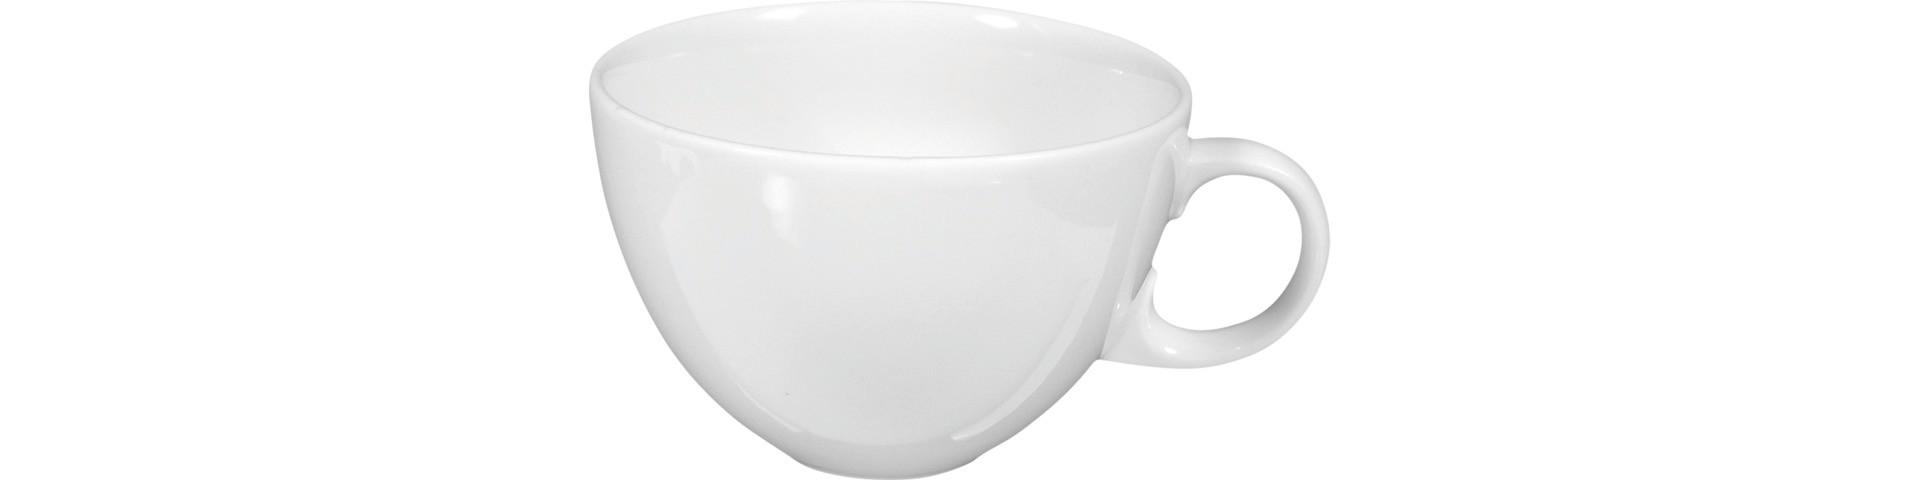 Meran, Tasse ø 122 mm / 0,50 l